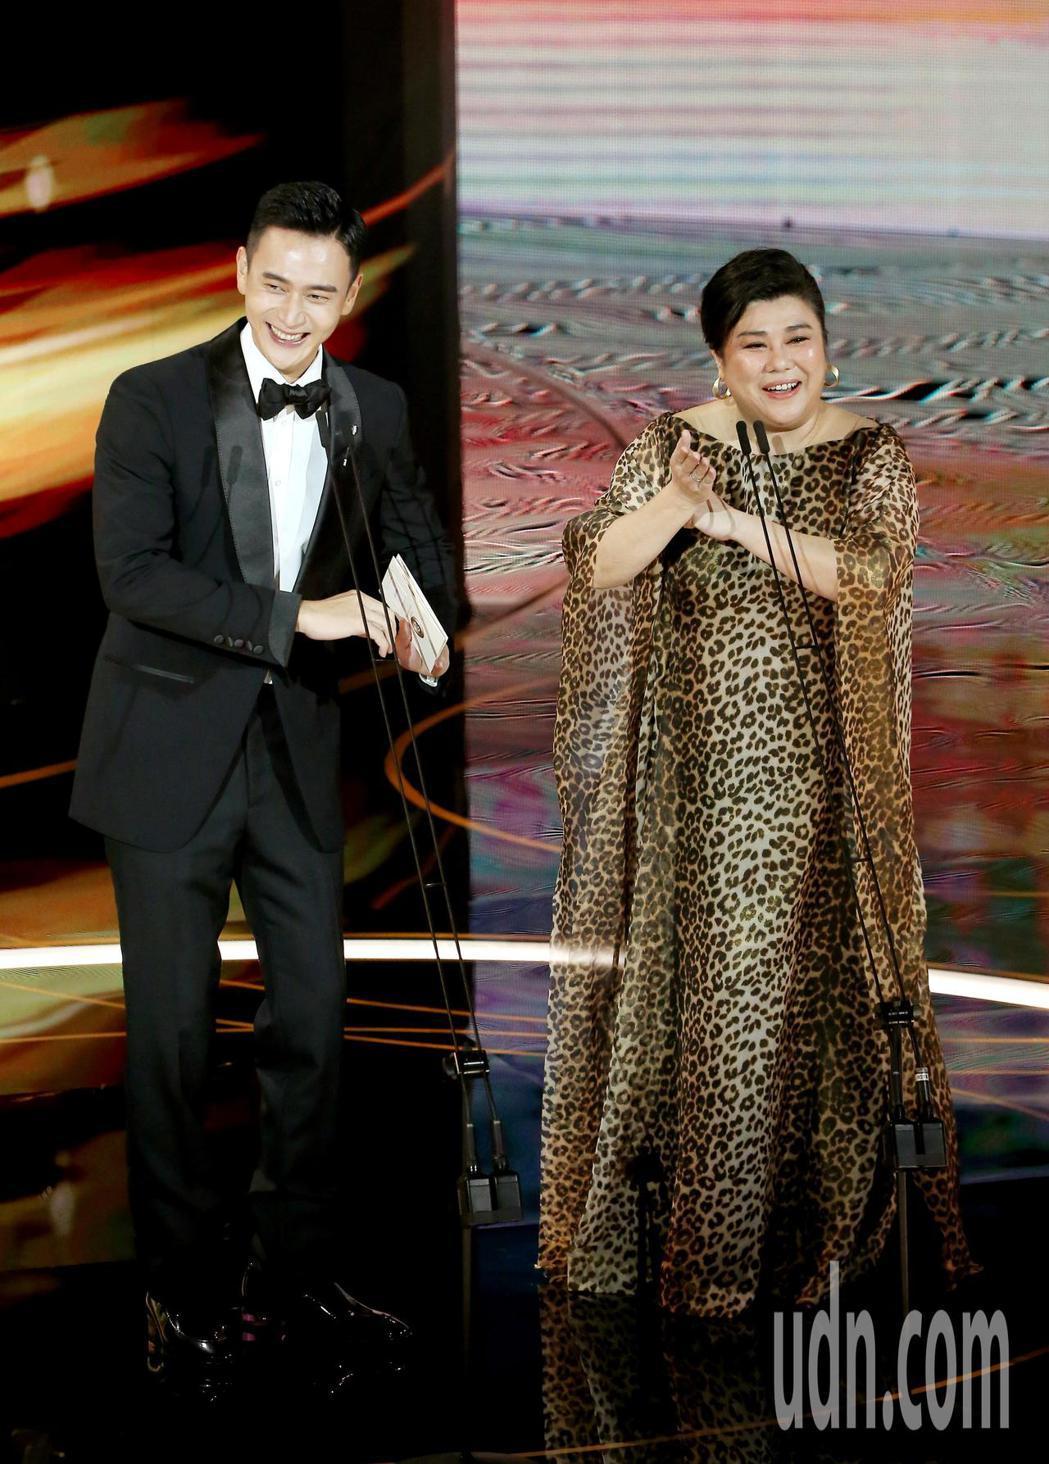 第57屆金馬獎頒獎典禮在國父紀念館舉行,劉冠廷(左)與林美秀(右)擔任頒獎人。記